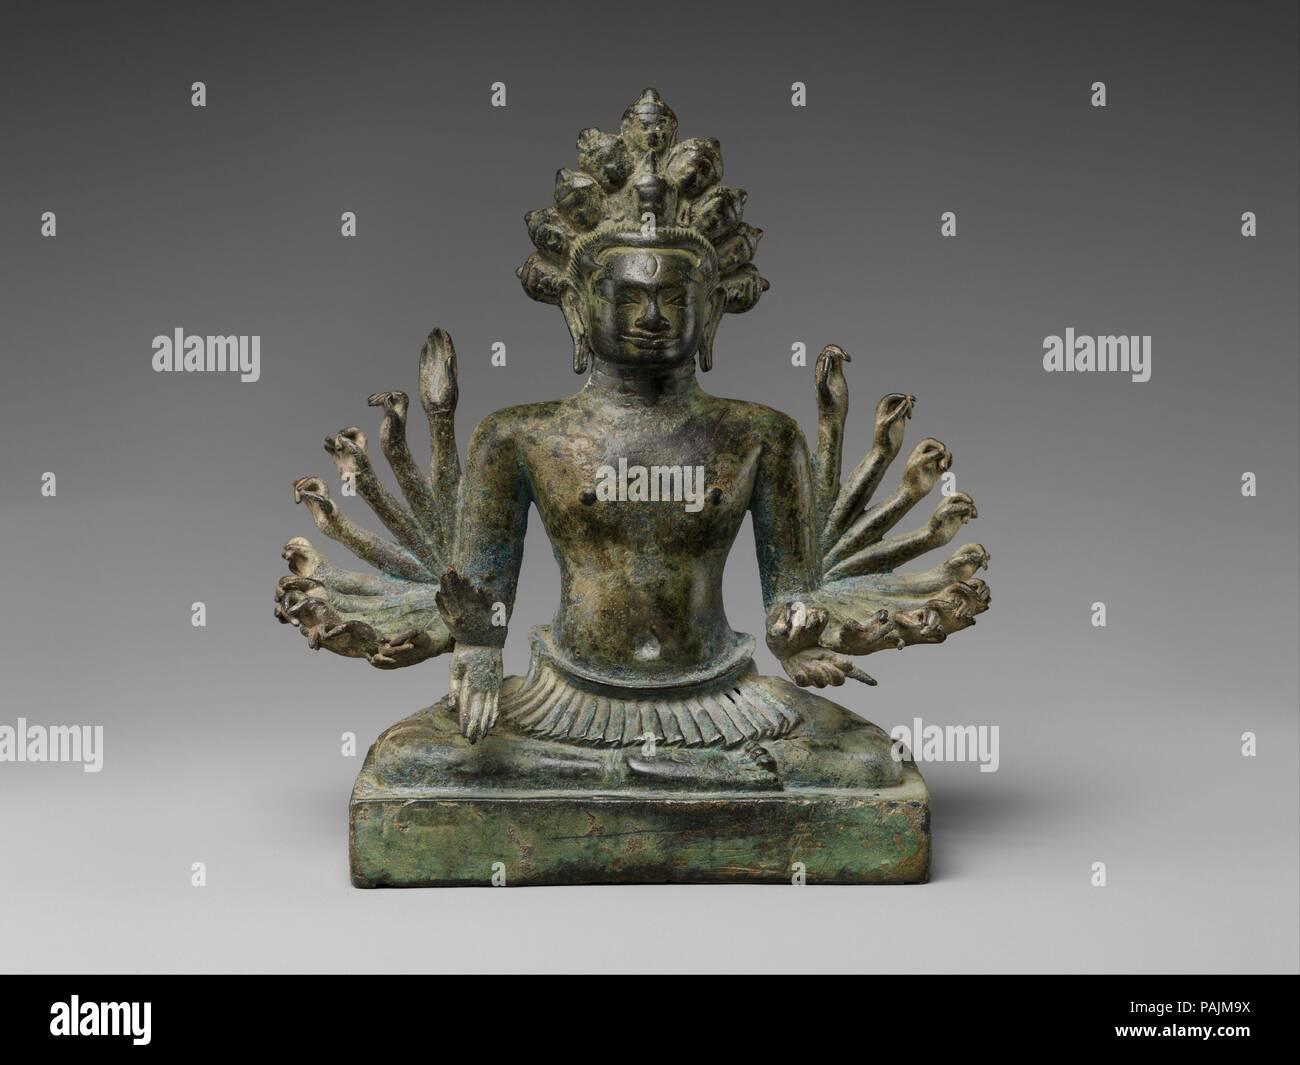 Eleven-Headed Avalokiteshvara, il Bodhisattva della compassione infinita. Cultura: Thailandia. Dimensioni: H. 7 3/8 in. (18,7 cm). Data: decimo secolo. Tali multi-armati, undici capo-immagini di Avalokiteshvara sono state importanti sia per il Mahayana e Vajrayana praticanti buddista. Questo tipo di rappresentazione evidenzia Avalokiteshvara la conoscenza nonché la sua capacità di prendere più azioni simultanee a nome del devoto. Museo: Metropolitan Museum of Art di New York, Stati Uniti d'America. Immagini Stock